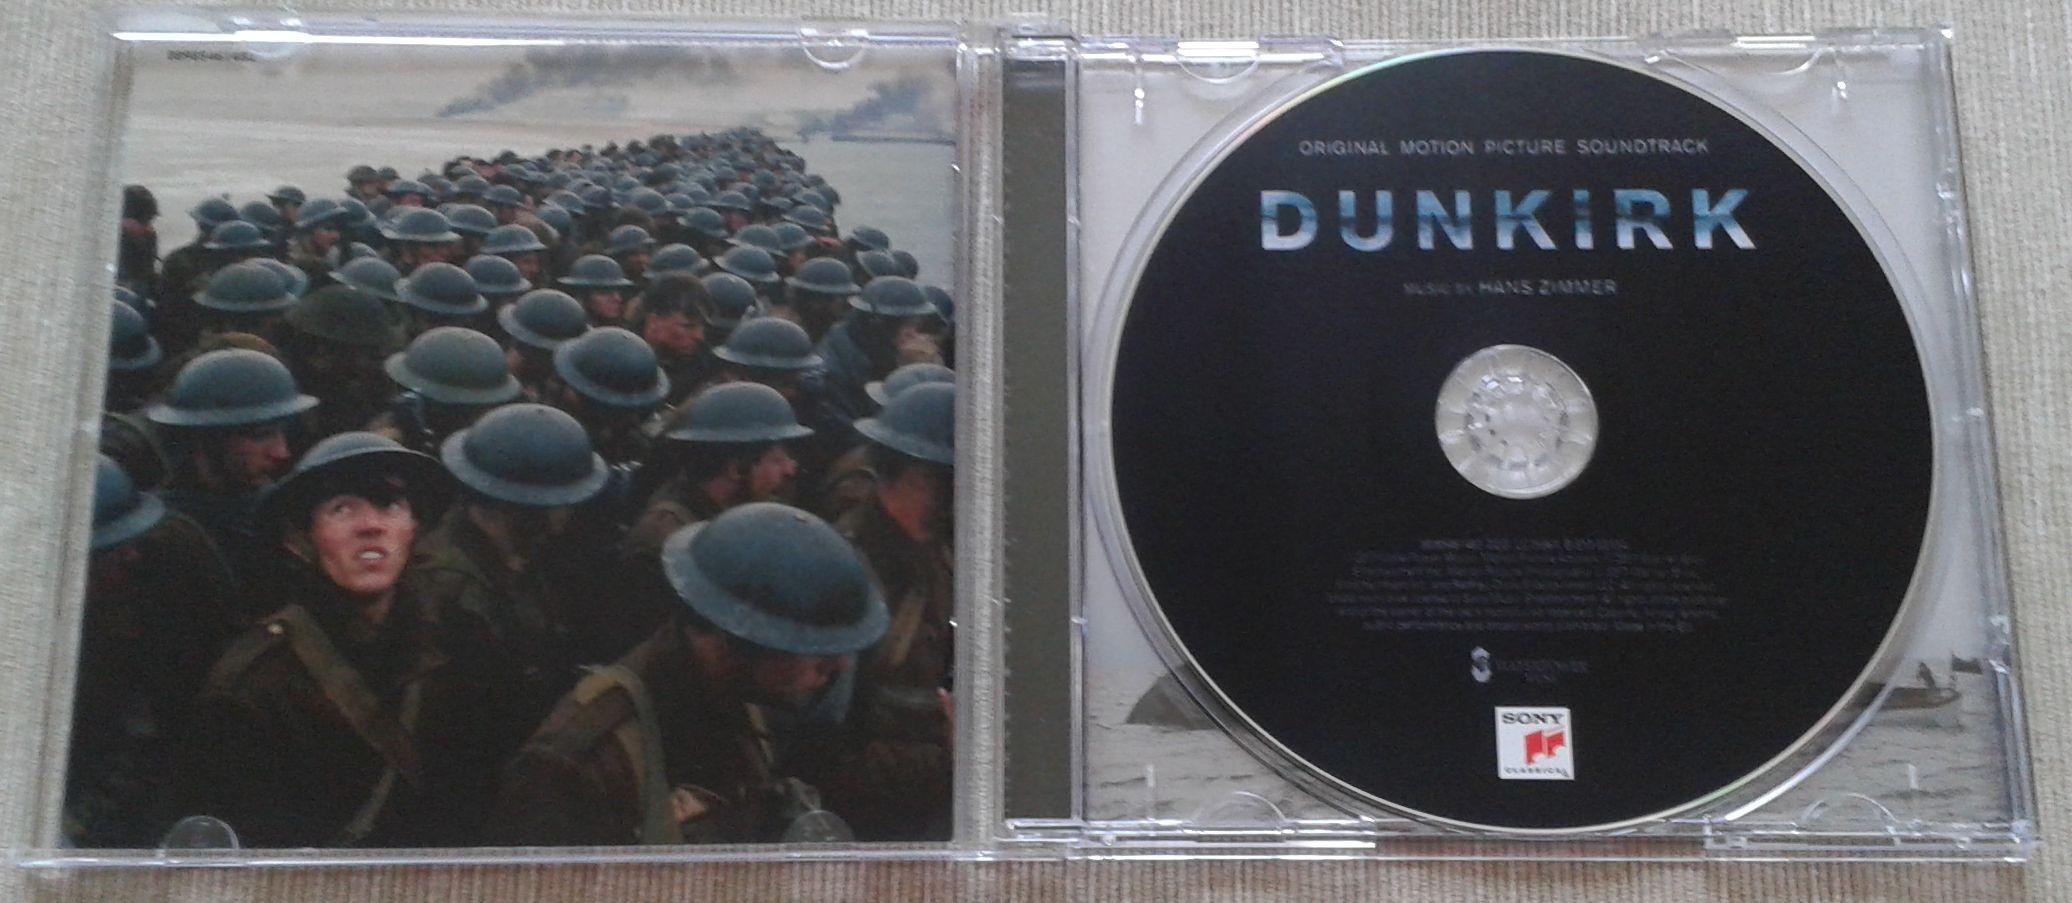 3. Dunkirk środek z płytą.jpg